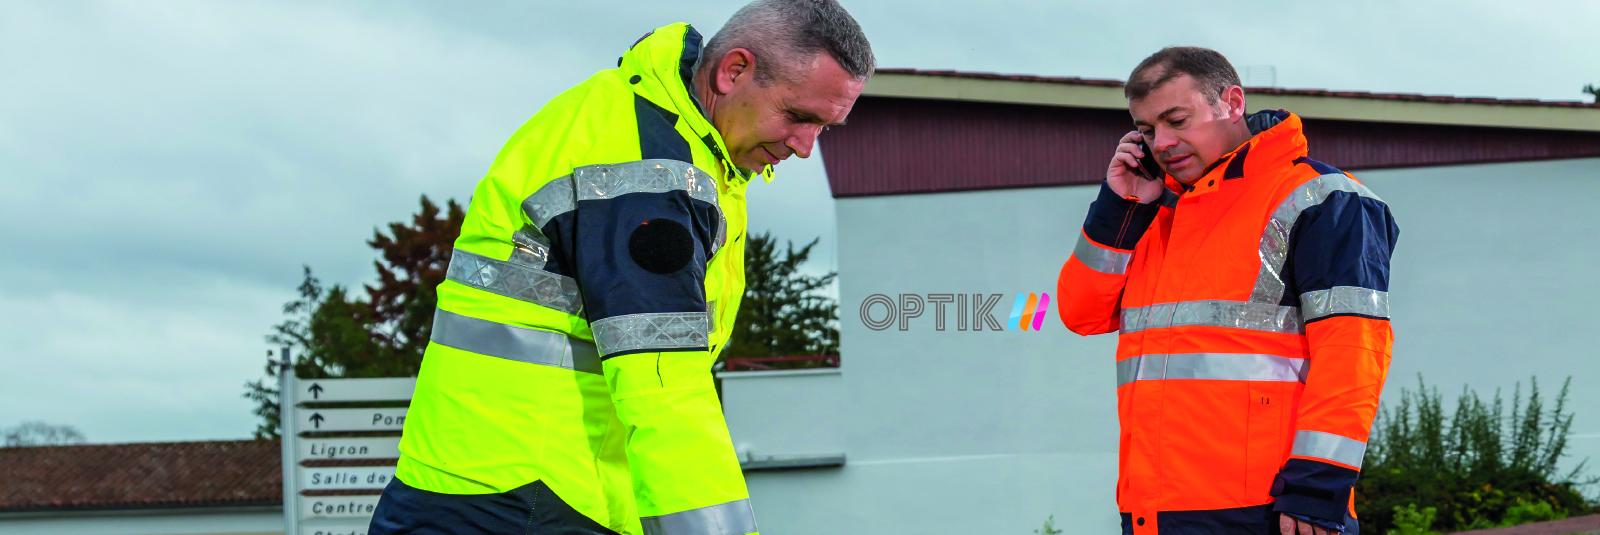 Deux hommes portent les vêtements professionnels d'Anett de la collection Optik.